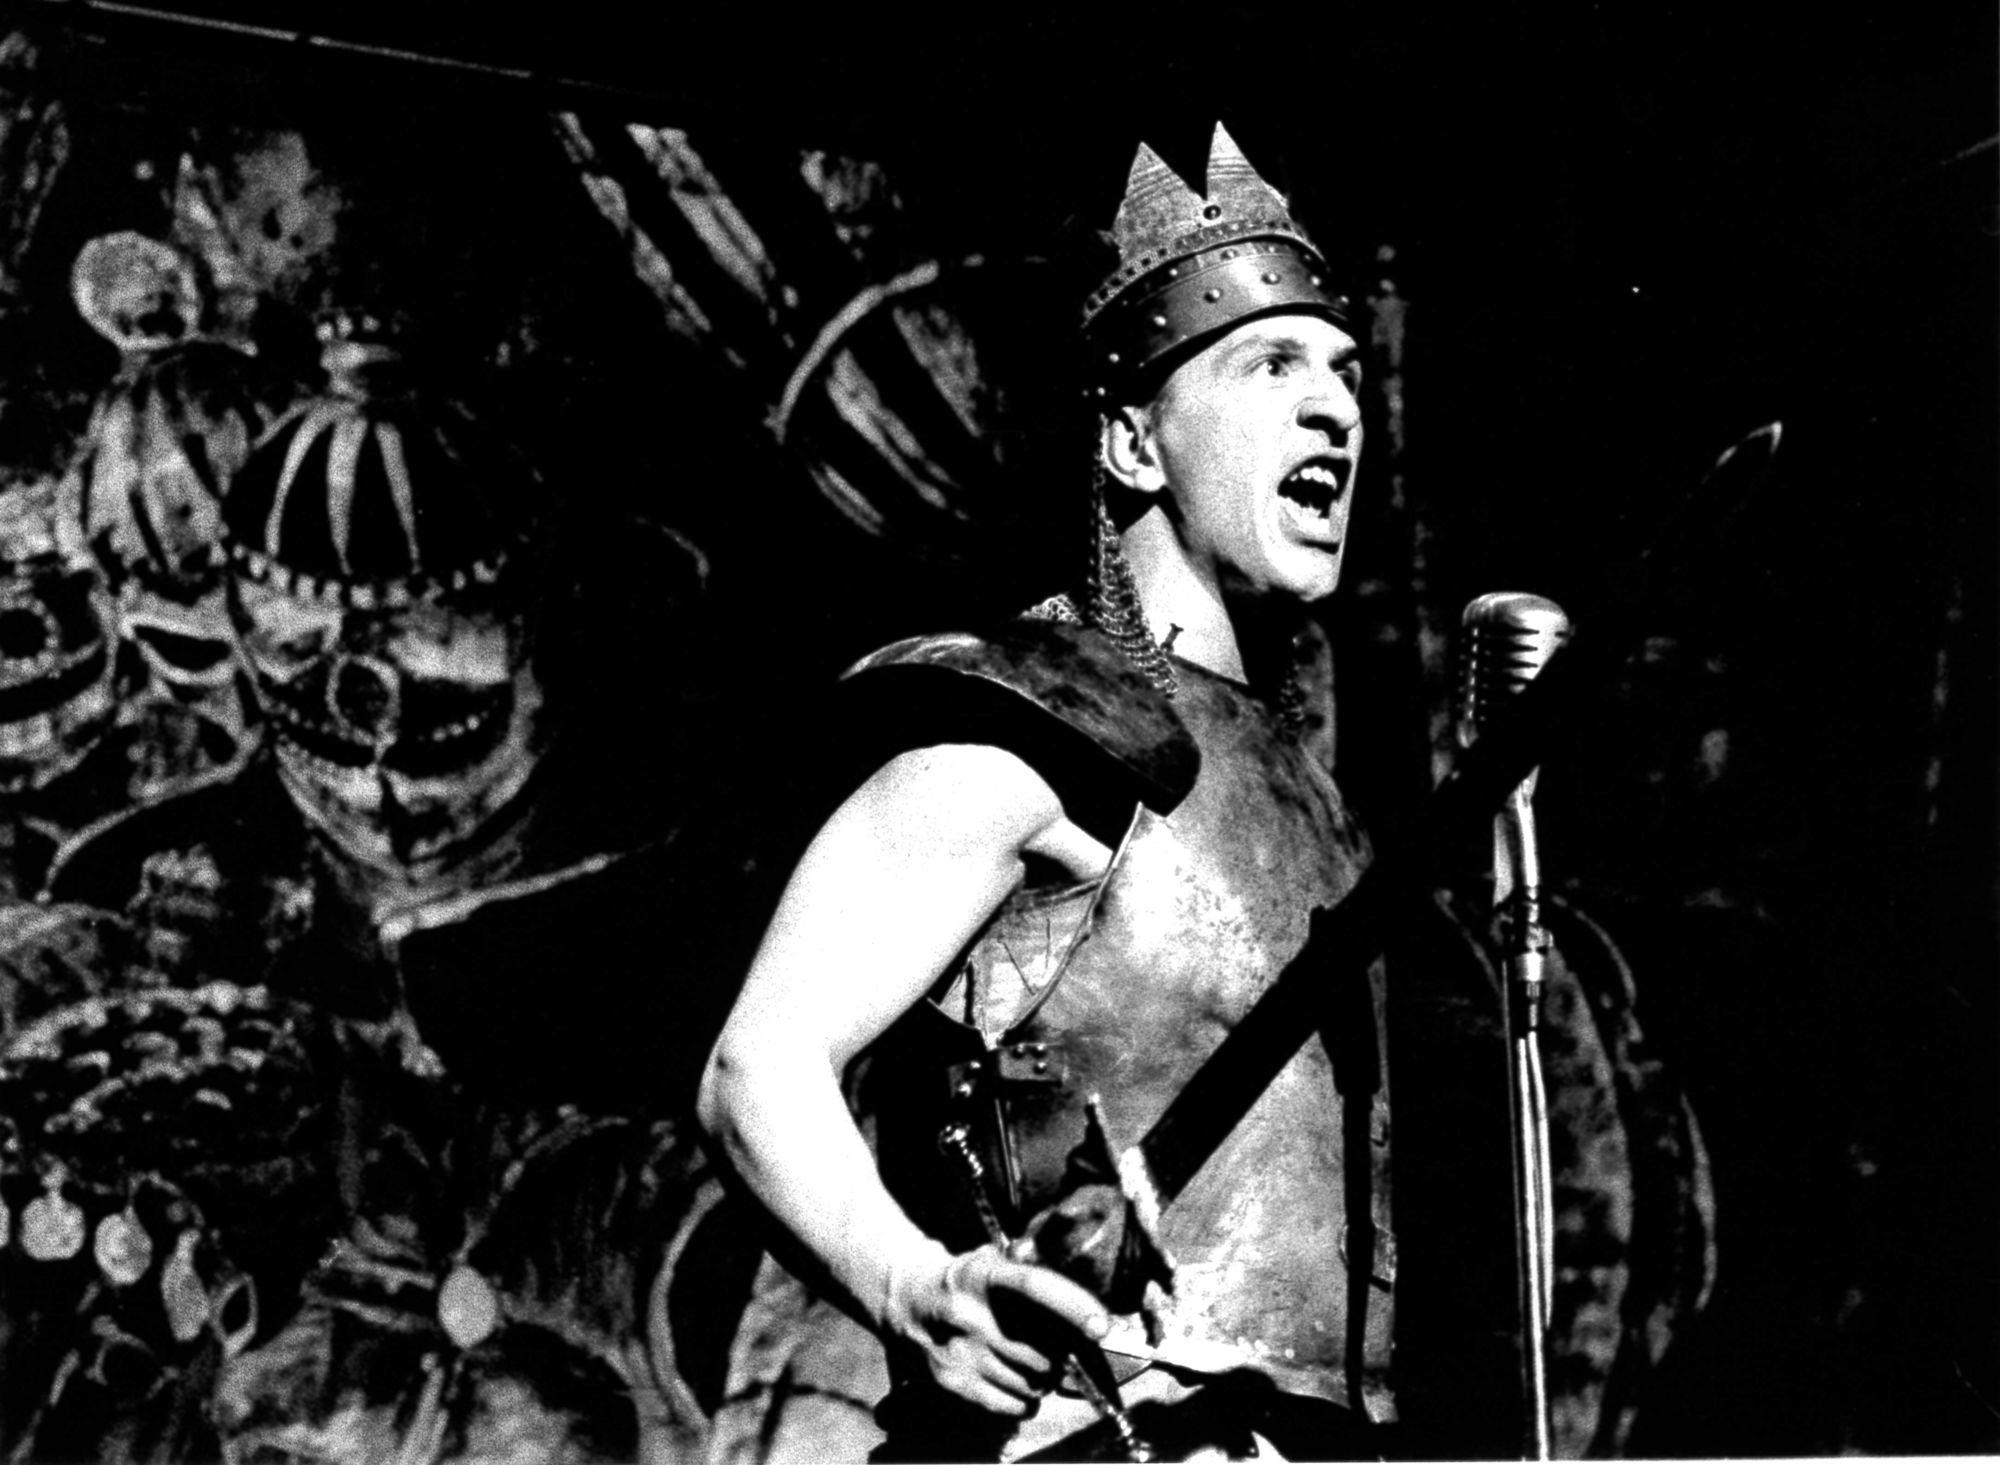 Marcial Di Fonzo Bo dans le rôle de Richard III en 1995